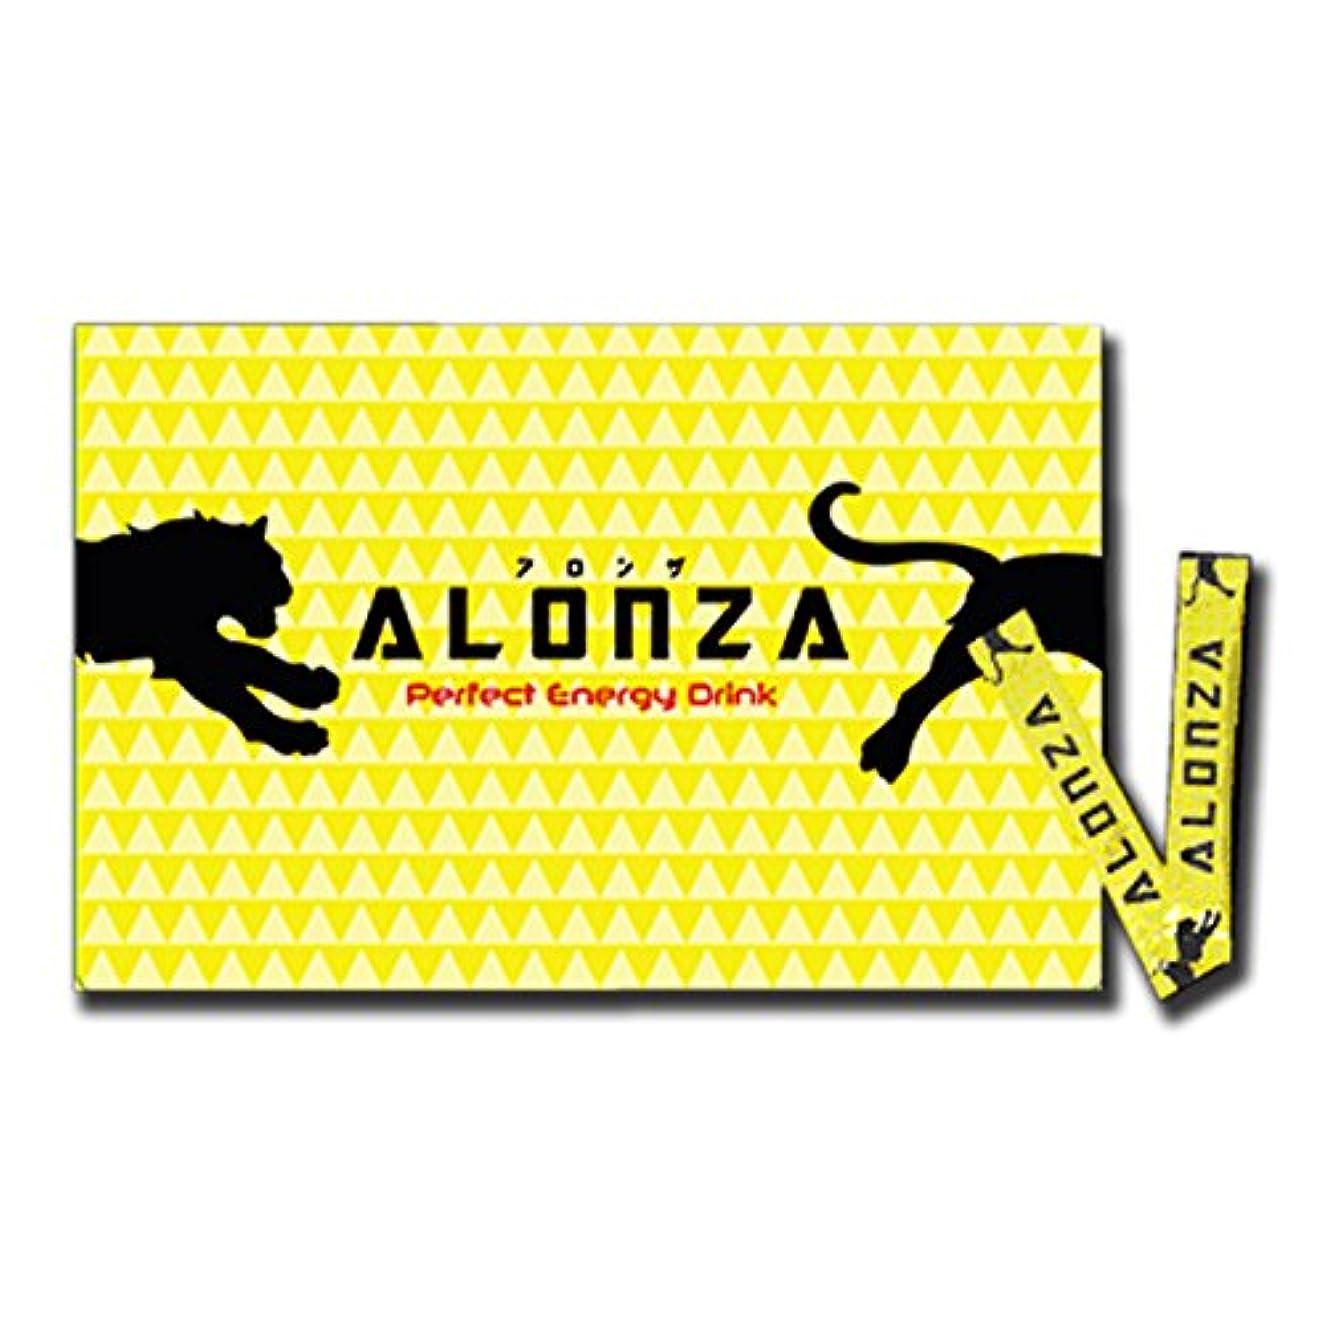 環境空気鉛筆アロンザ ARONZA パーフェクトエナジードリンク 約30日分 大人気 SNSで話題 男の活力実感ドリンク!!